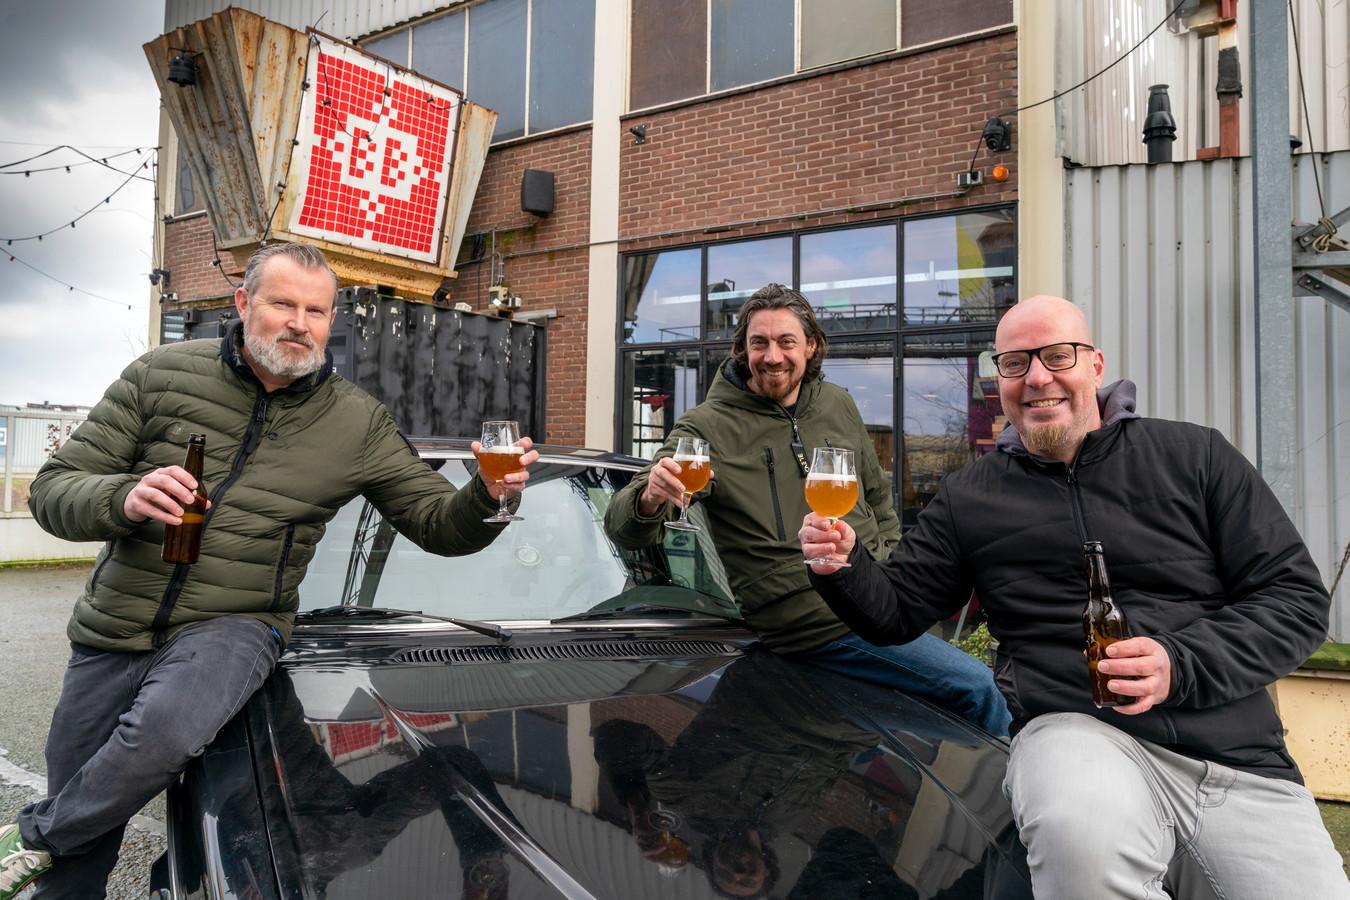 Marcel Pennings (Iinks), Boudewijn Goossens en Laurens Ubert zijn 25 jaar vrienden en vieren dit, samen met nog ruim tien andere vrienden, met het brouwen van hun eigen Prutsbier.